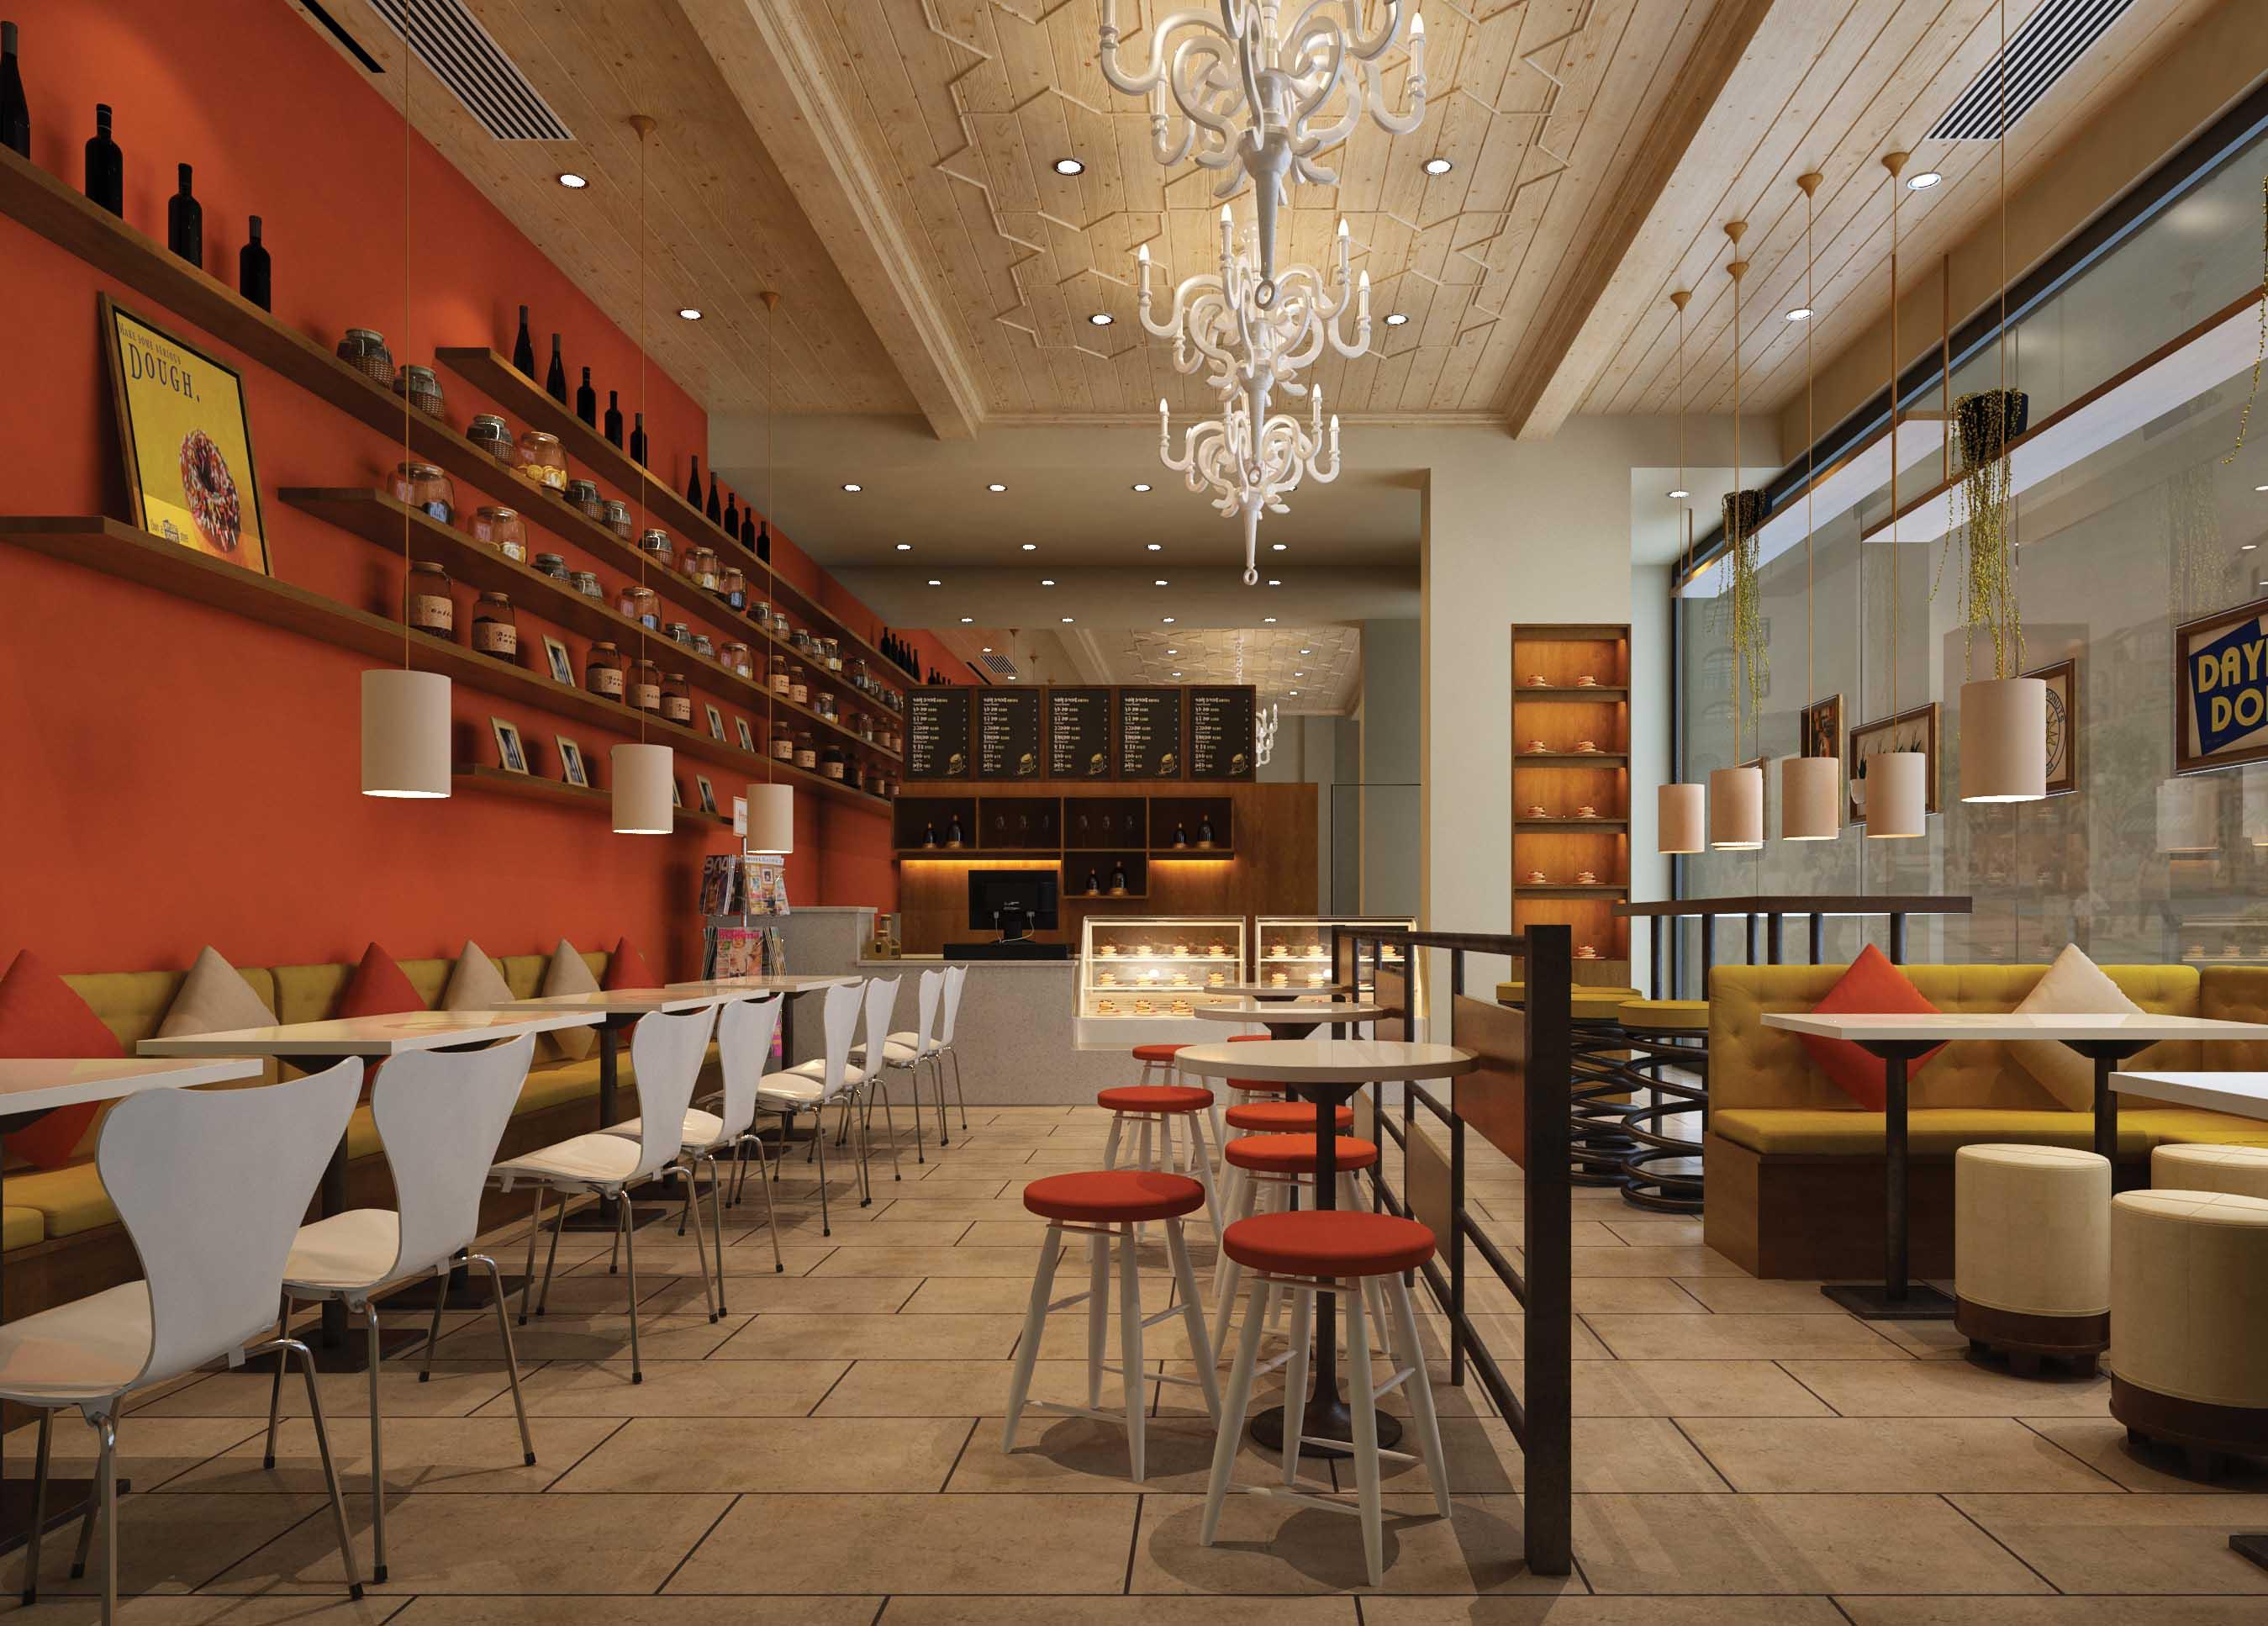 Restaurant Pendent Light